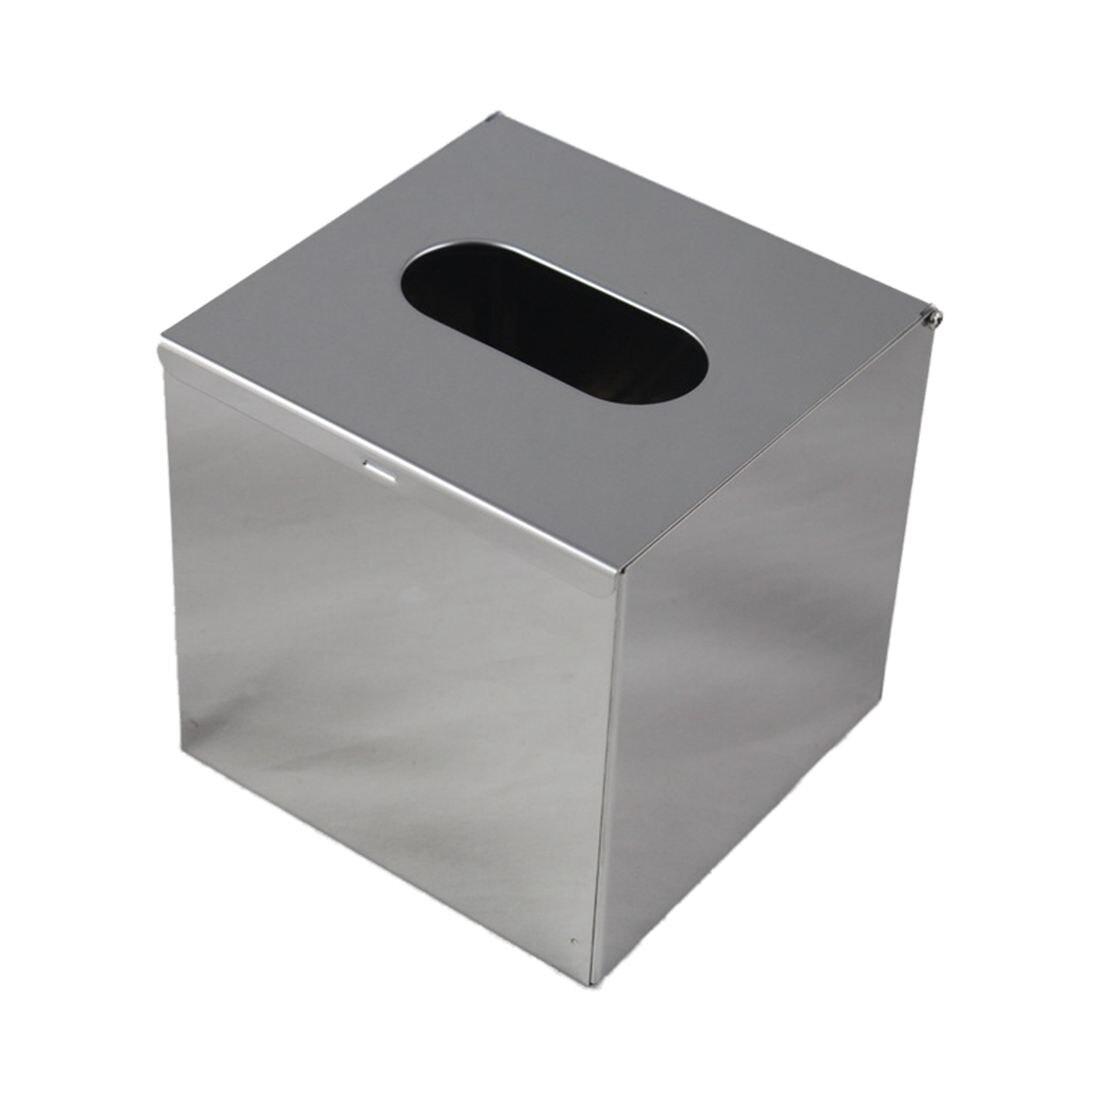 Acier inoxydable Mouchoir Distributeur Cosmétique Serviette boîte de Mouchoirs-Argent